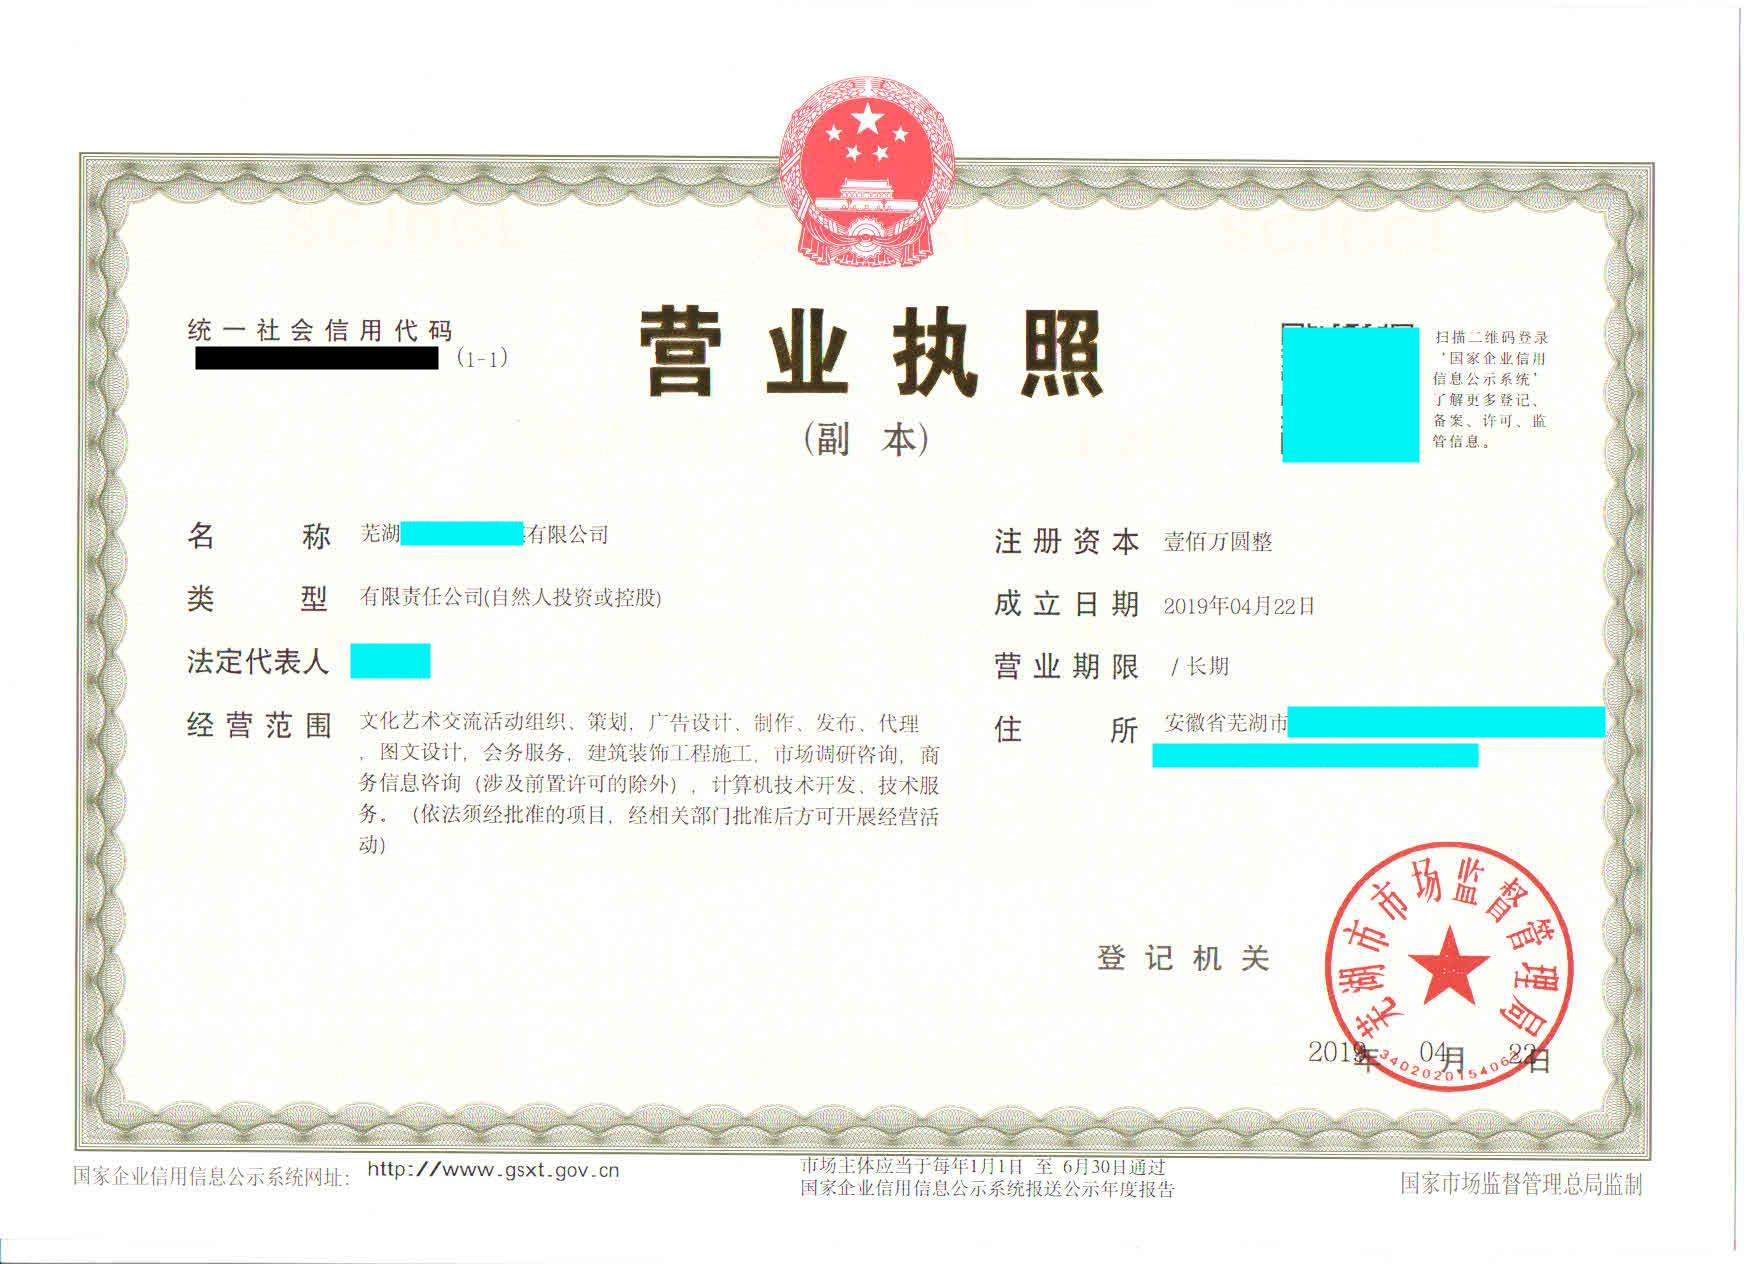 芜湖办理营业执照流程